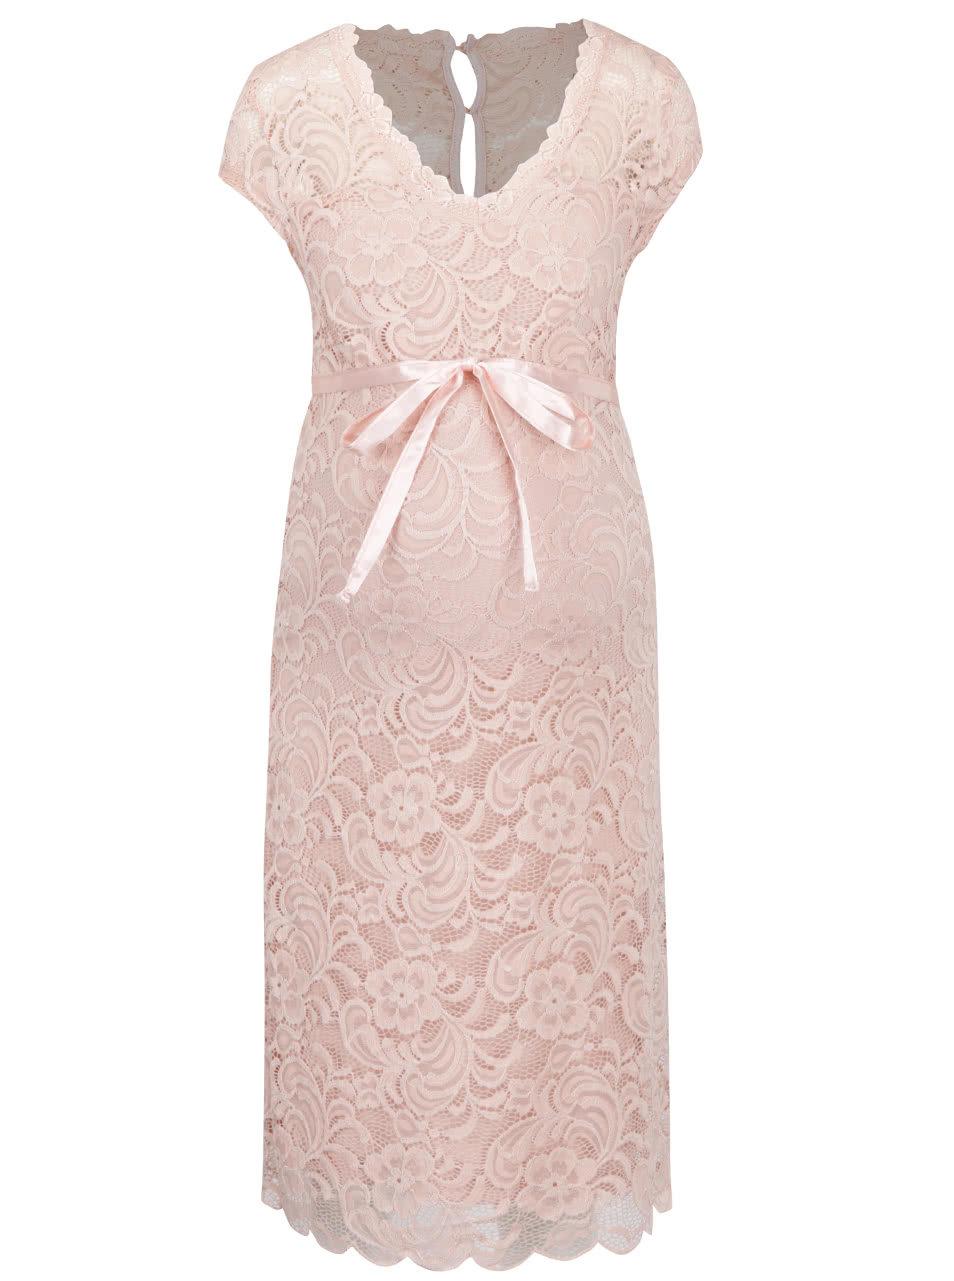 7a3d0aa75cae Ružové čipkované tehotenské šaty Mama.licious New Mivana ...